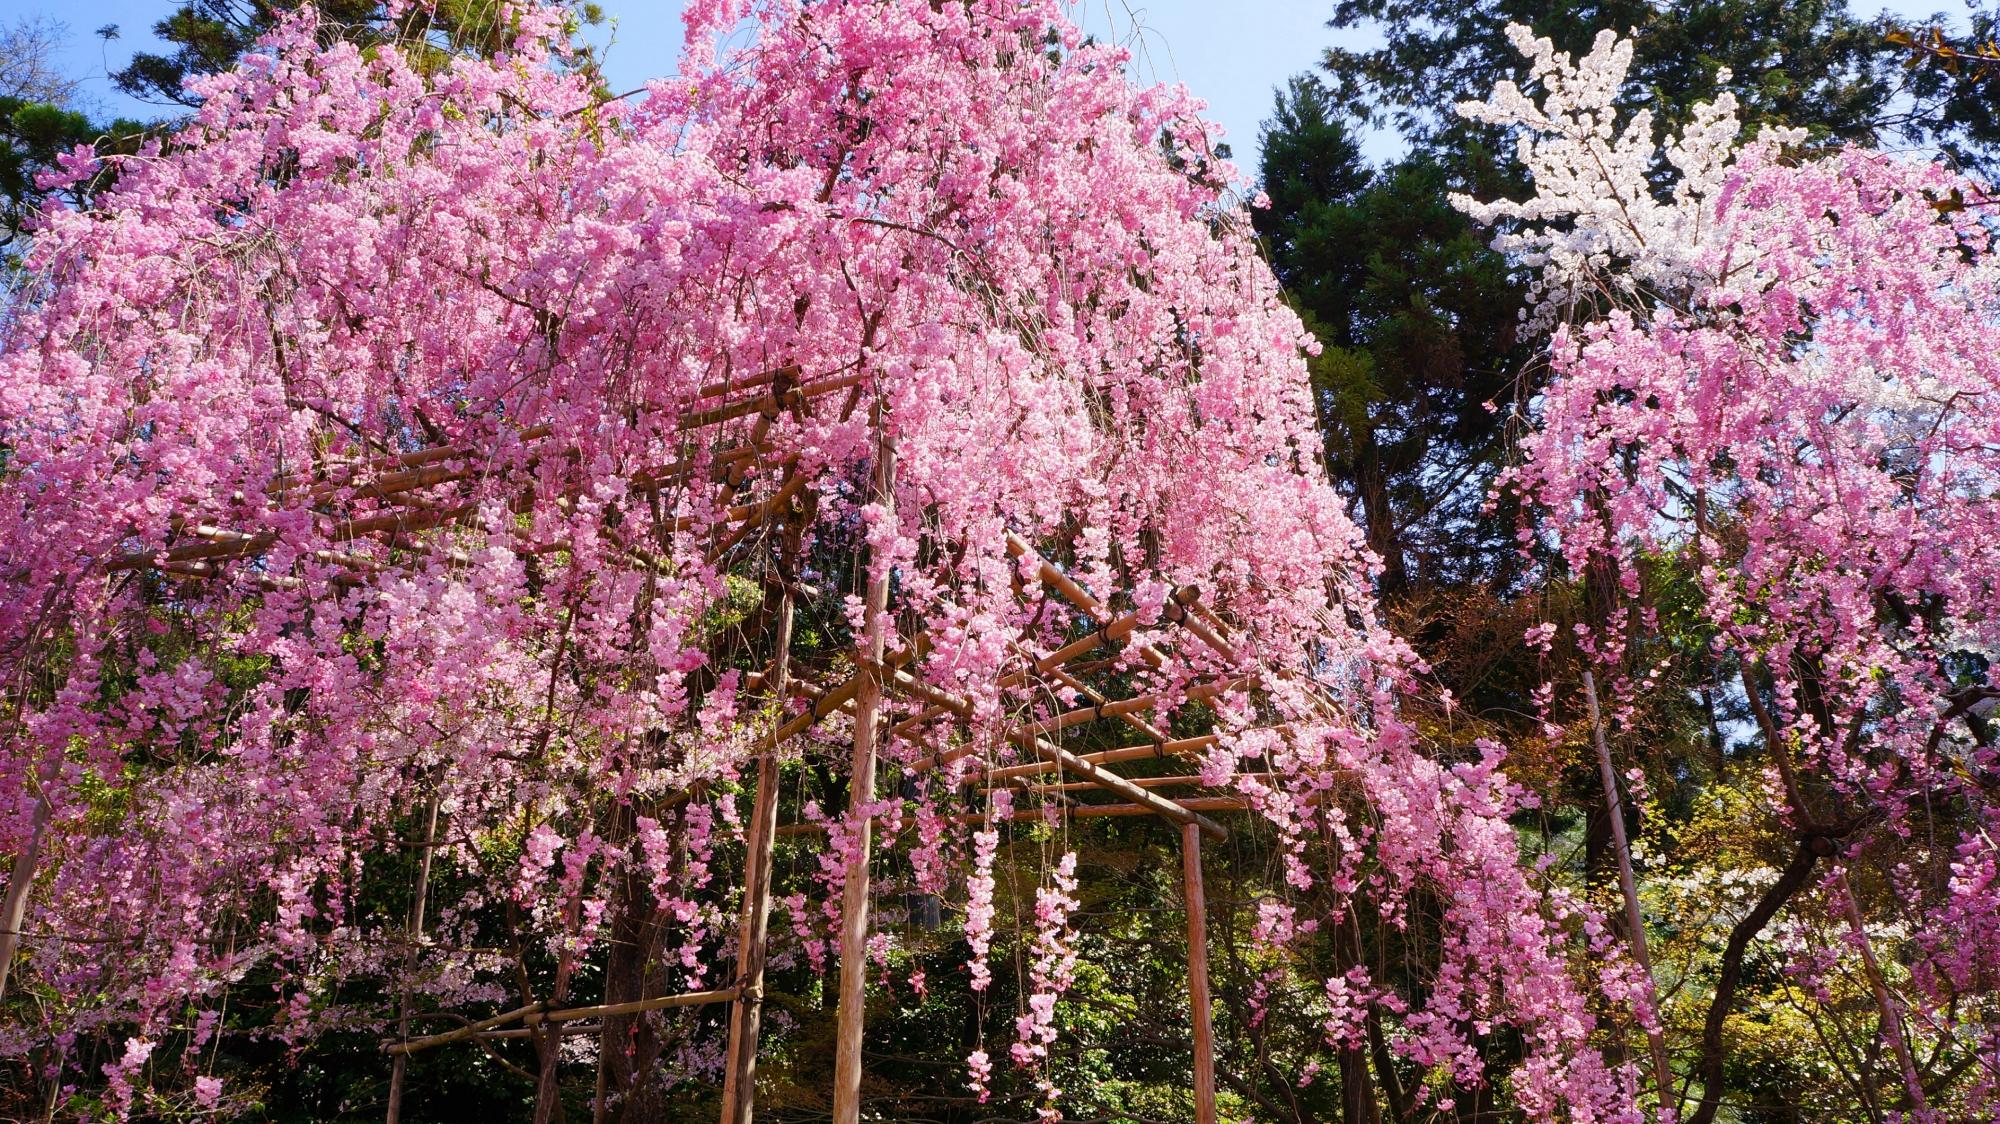 溢れんばかりに咲くピンクの花